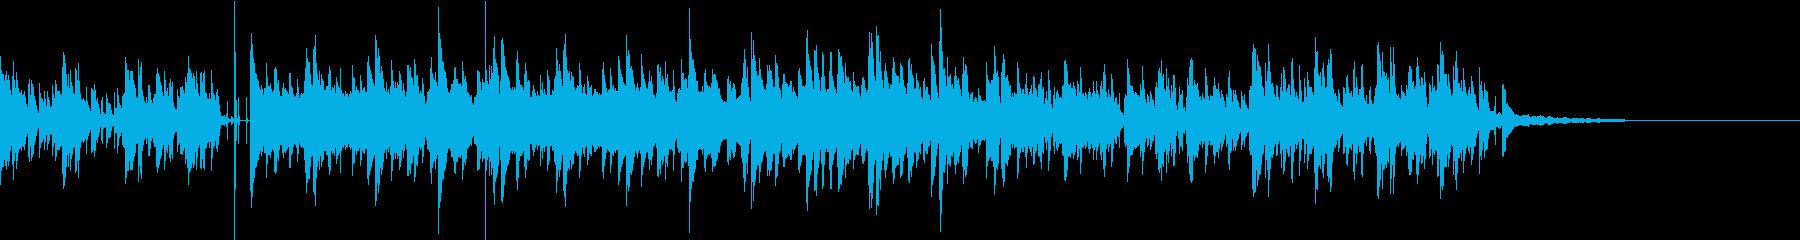 ラテン風ギターとピアノのダンスナンバーの再生済みの波形